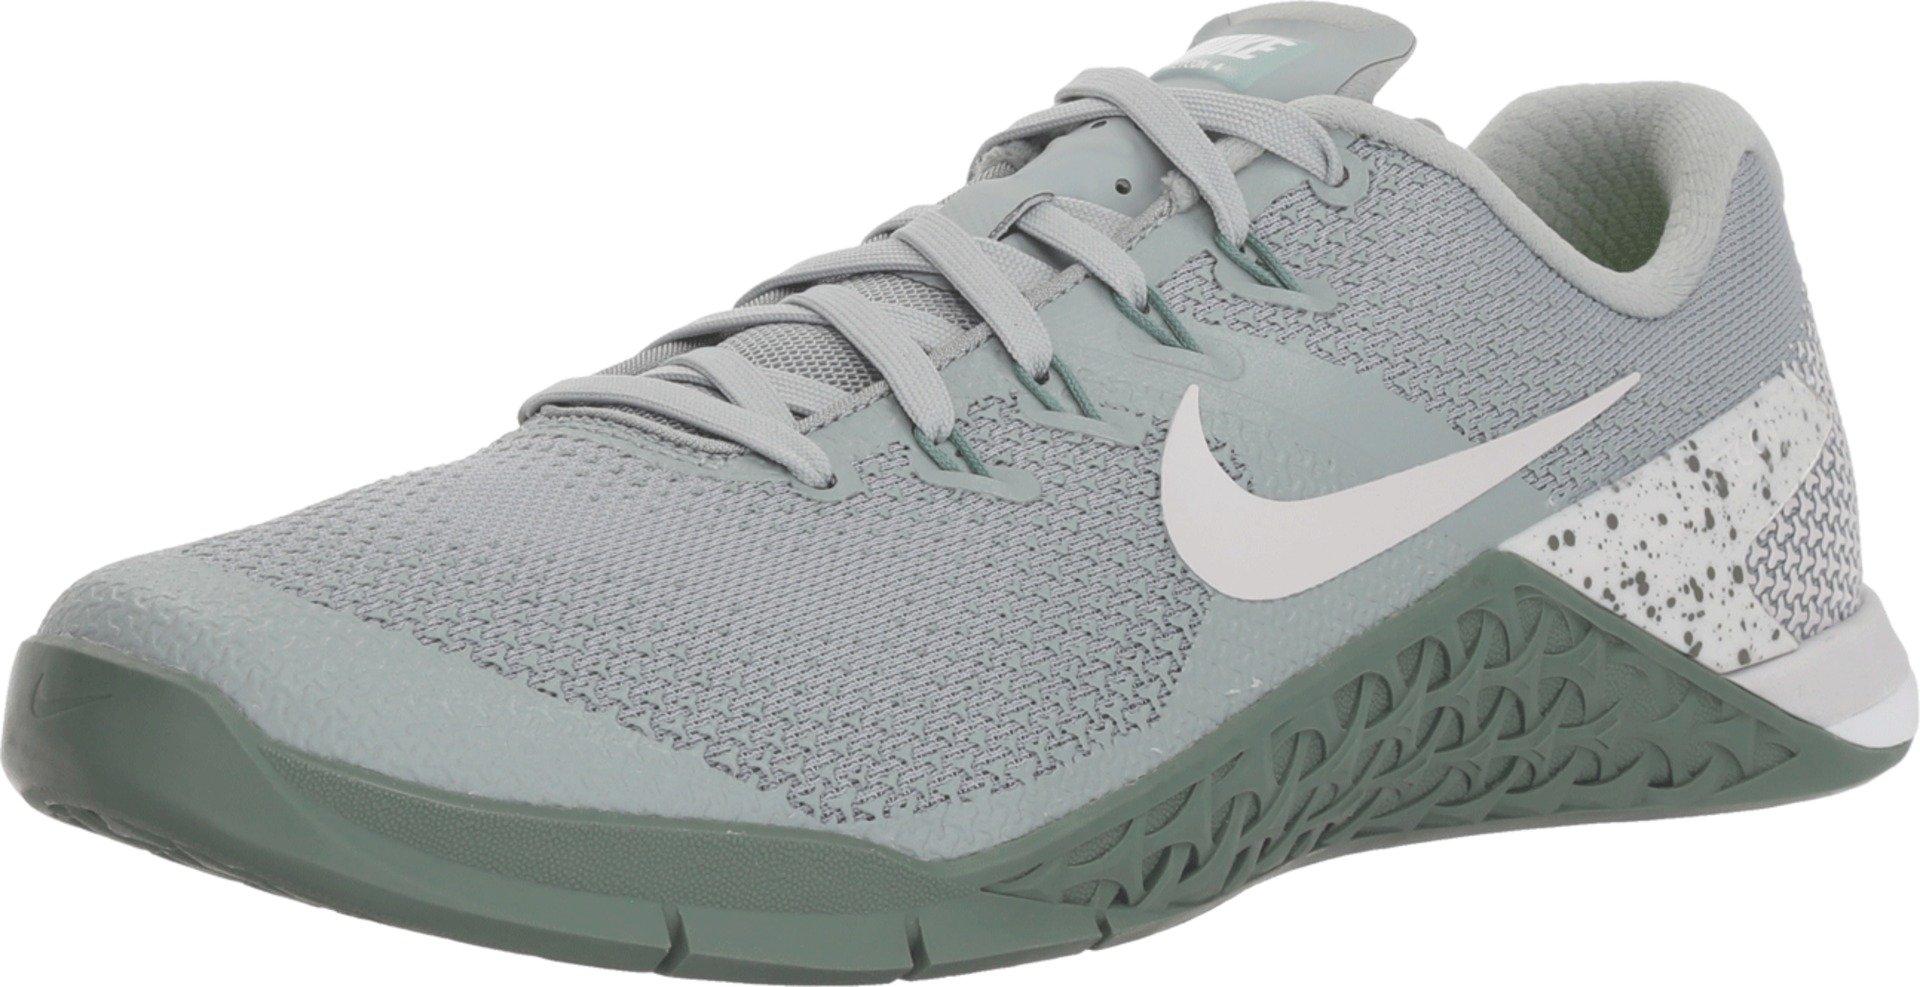 Nike Women's Metcon 4 Training Shoe